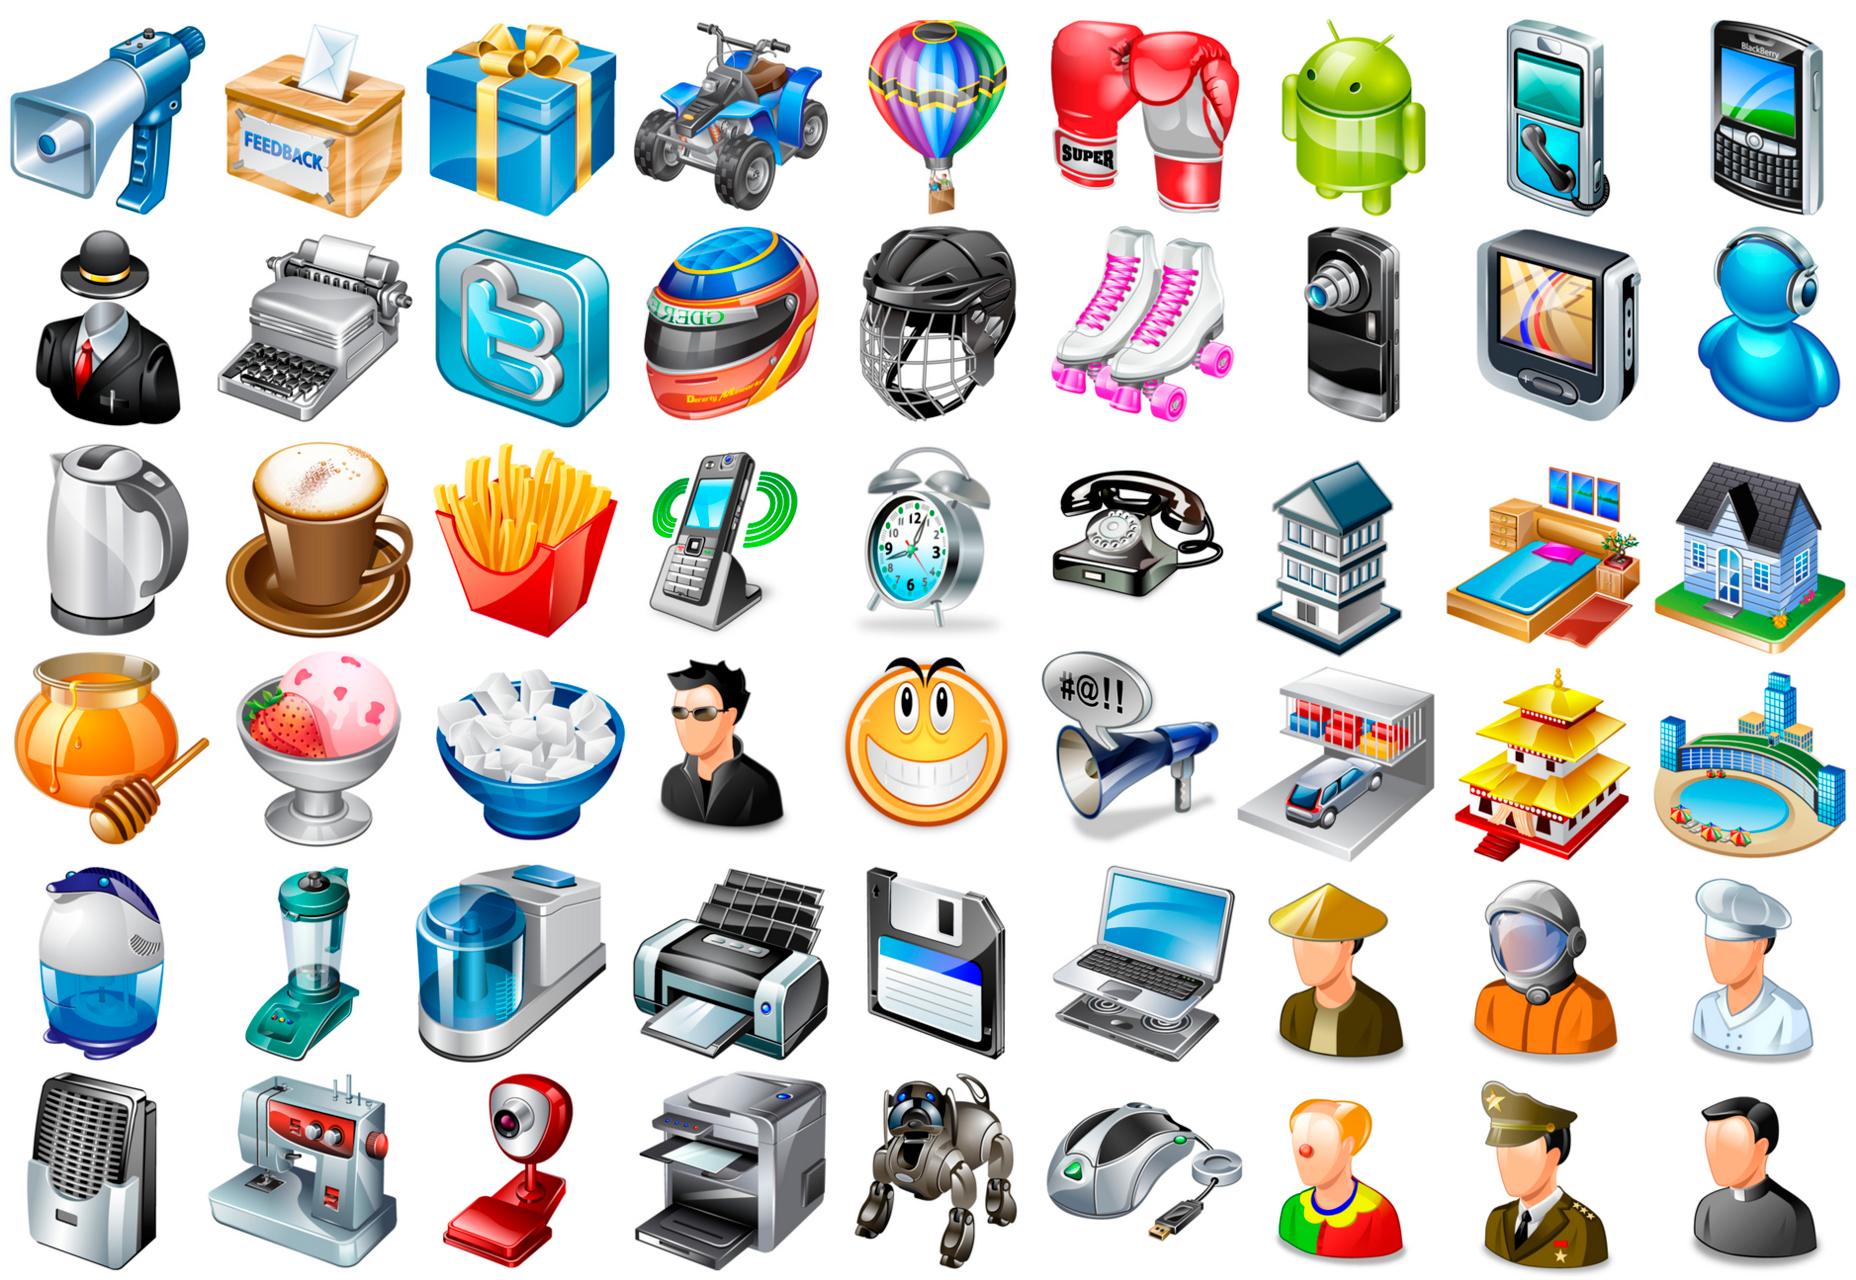 91k-realistic-desktop-icons-bundle